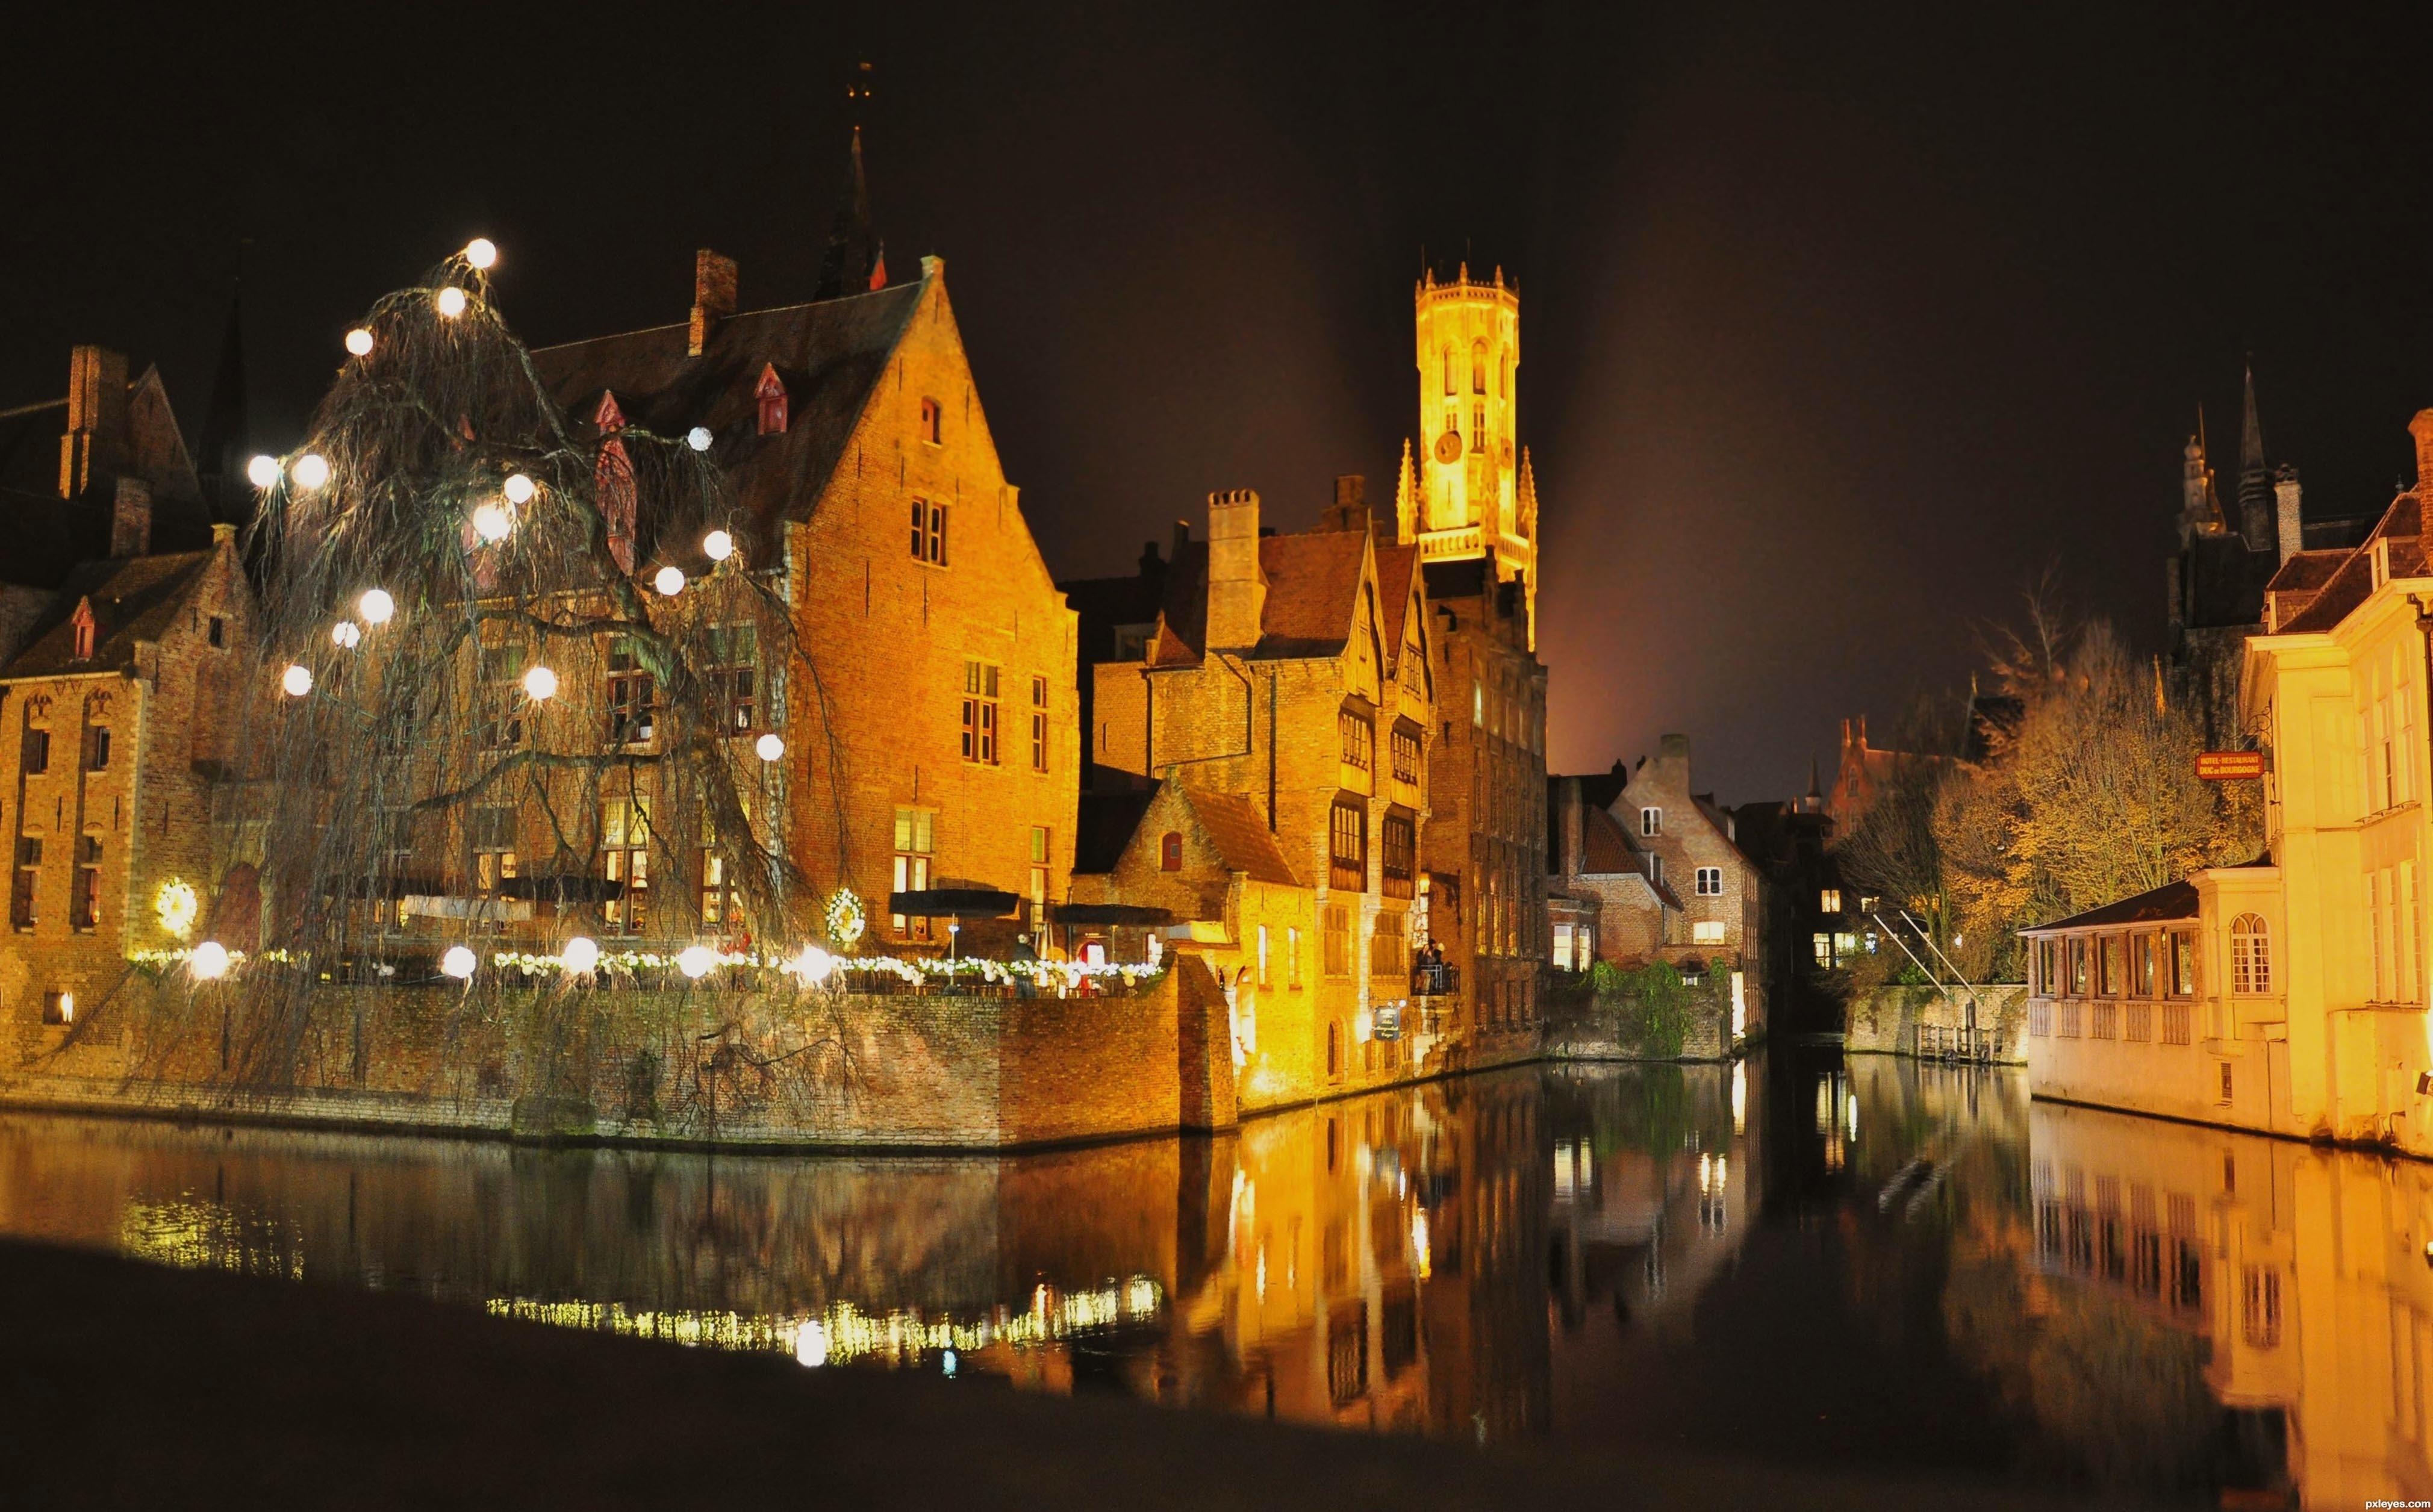 Bruges, Belgium In Autumn